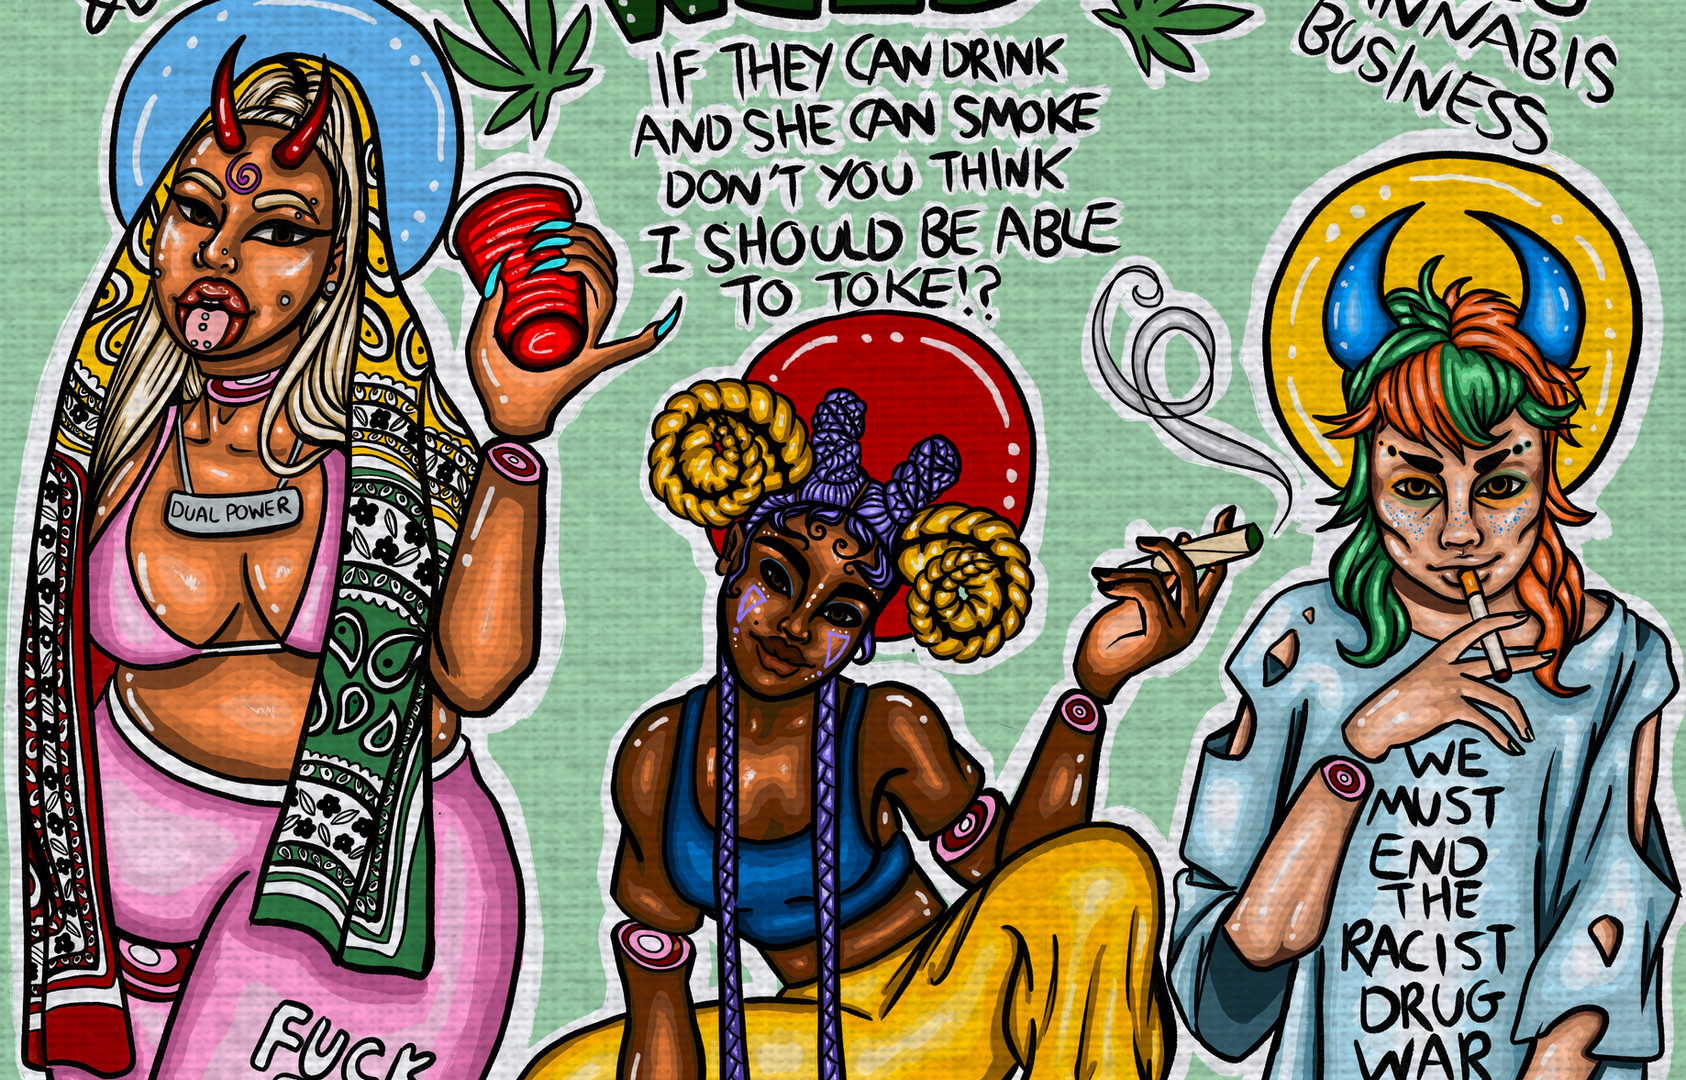 Decriminalize Weed